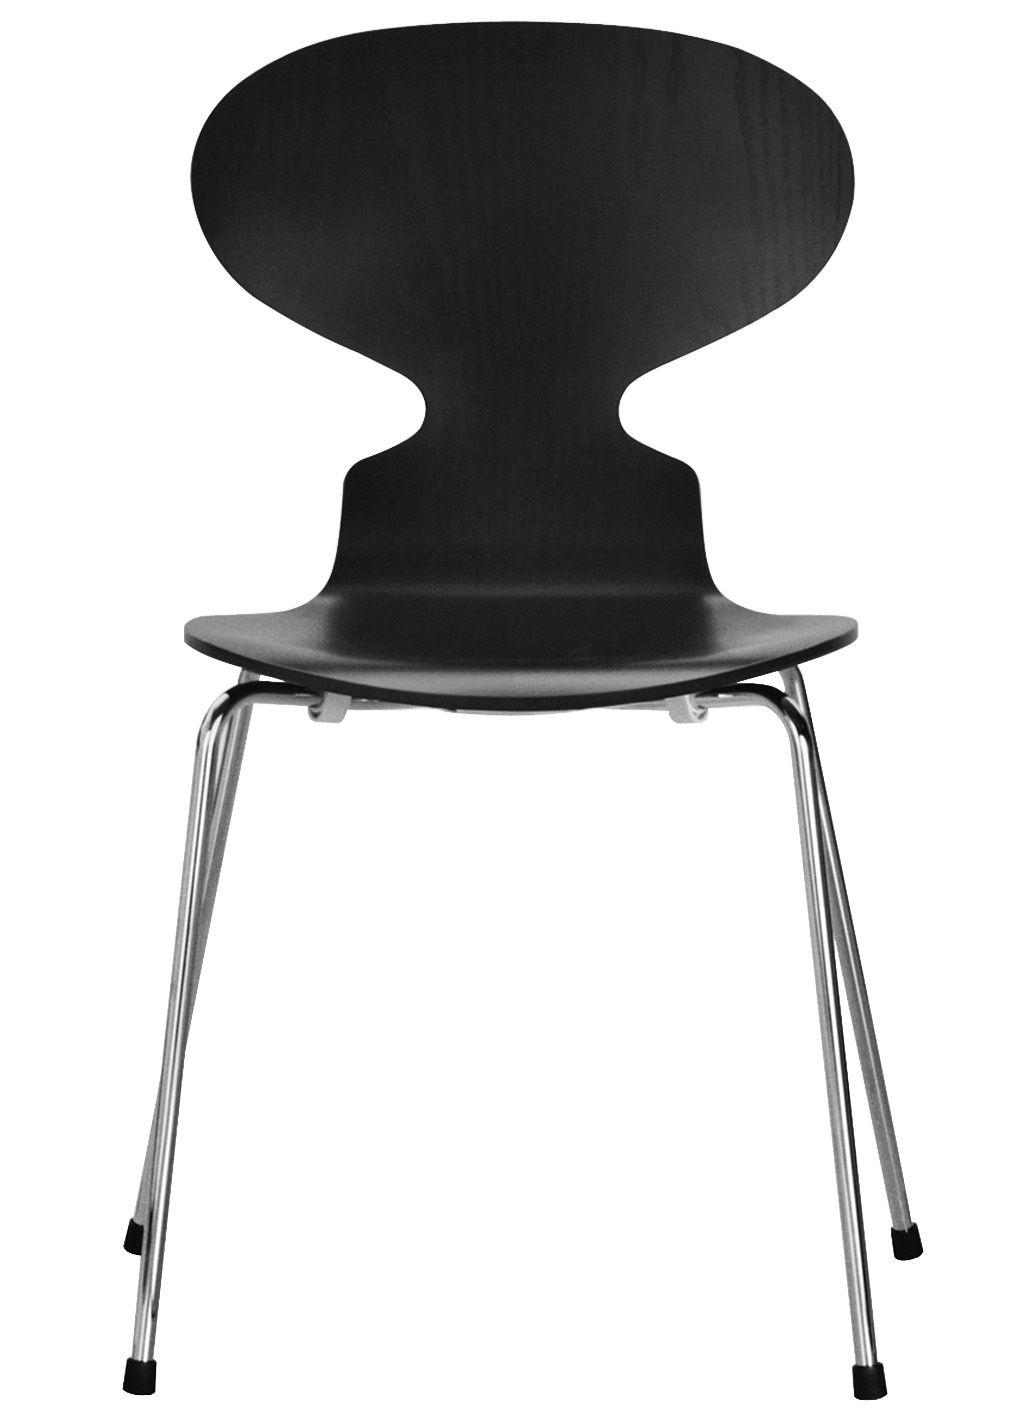 Arredamento - Sedie  - Sedia impilabile Fourmi - 4 piedi di Fritz Hansen - Nero - Acciaio, Compensato di frassino tinto